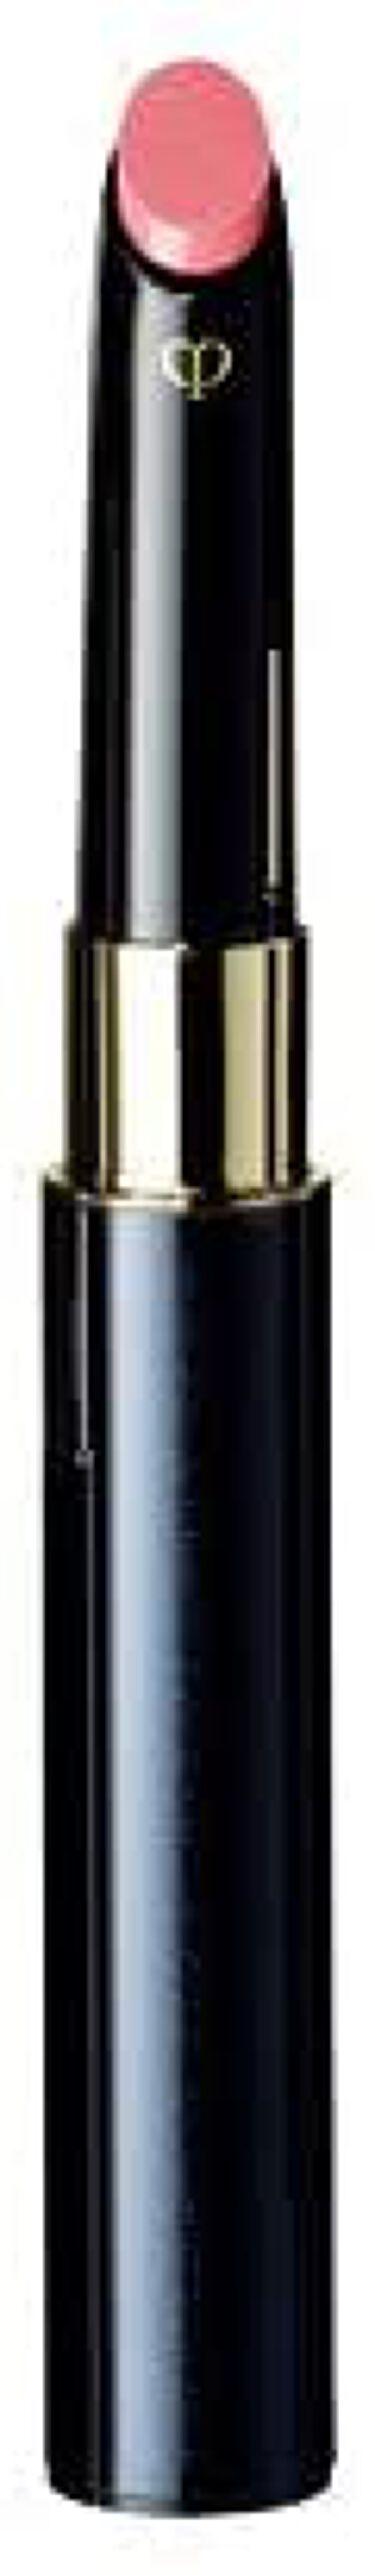 ルージュエクラC 210